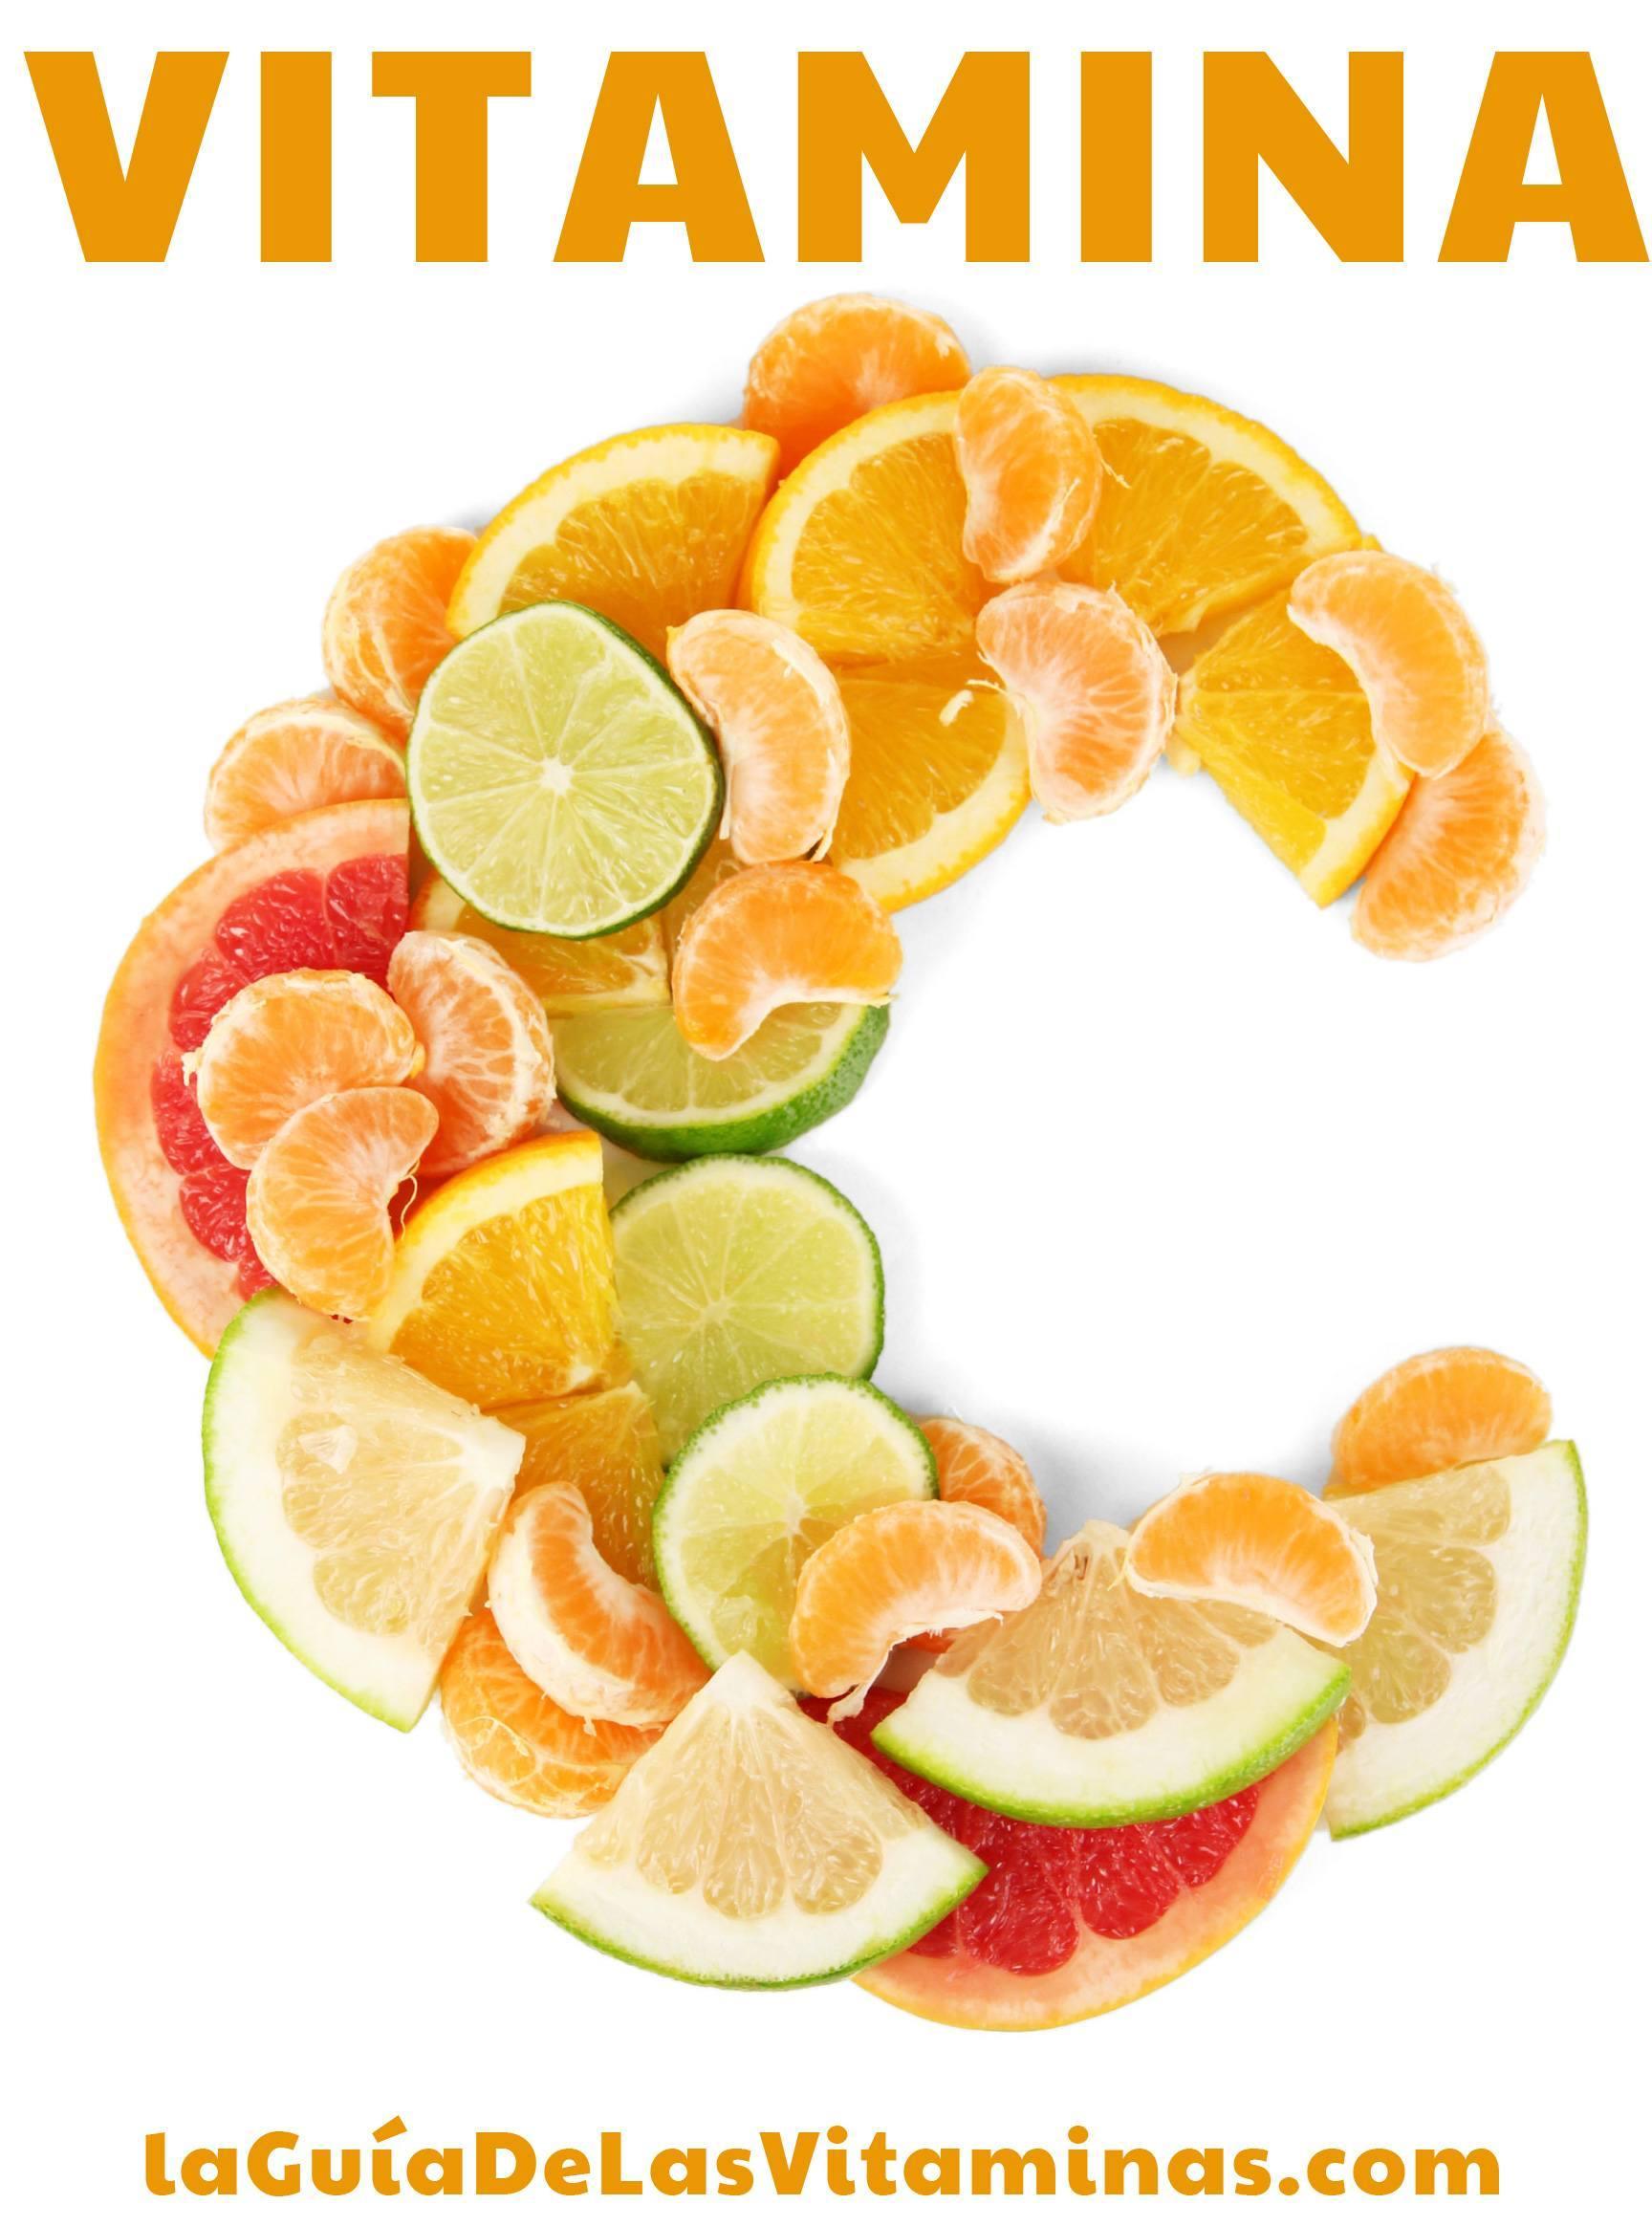 Para qu sirve la vitamina c la gu a de las vitaminas - Que alimentos contienen vitamina c ...